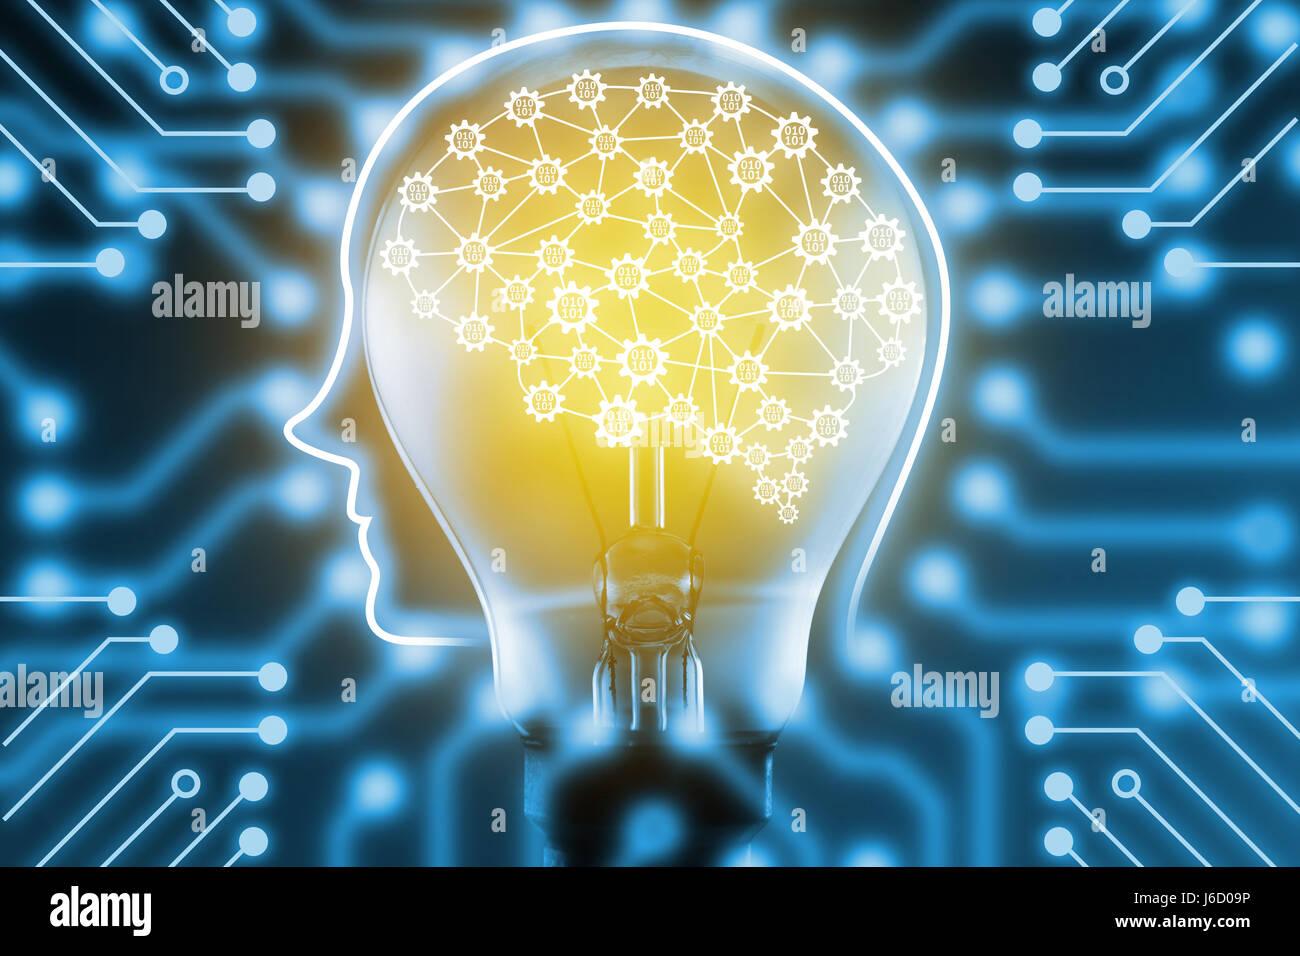 Maschinenkonzept lernen und künstliche Intelligenz. FinTech Finanztechnologie Konzept. Roboter Gehirn mit Getriebe Stockbild